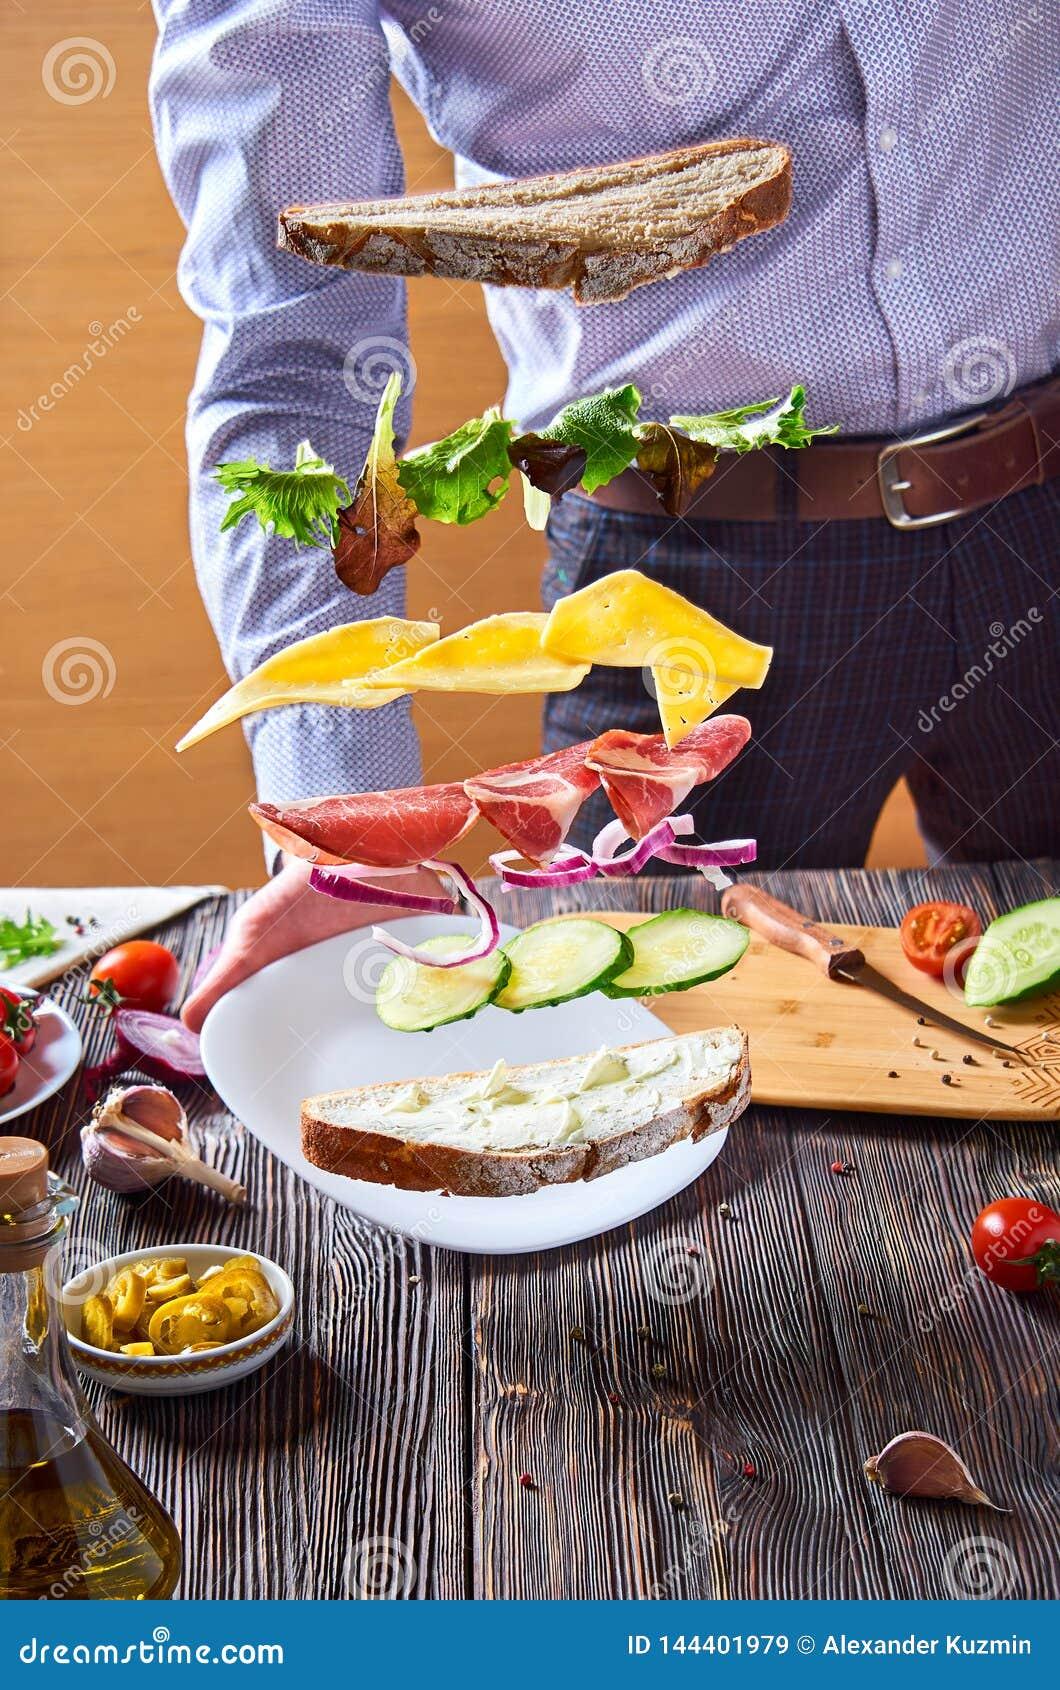 Ακόμα ζωή με ένα πετώντας σάντουιτς κατά την διάρκεια της υποβολής